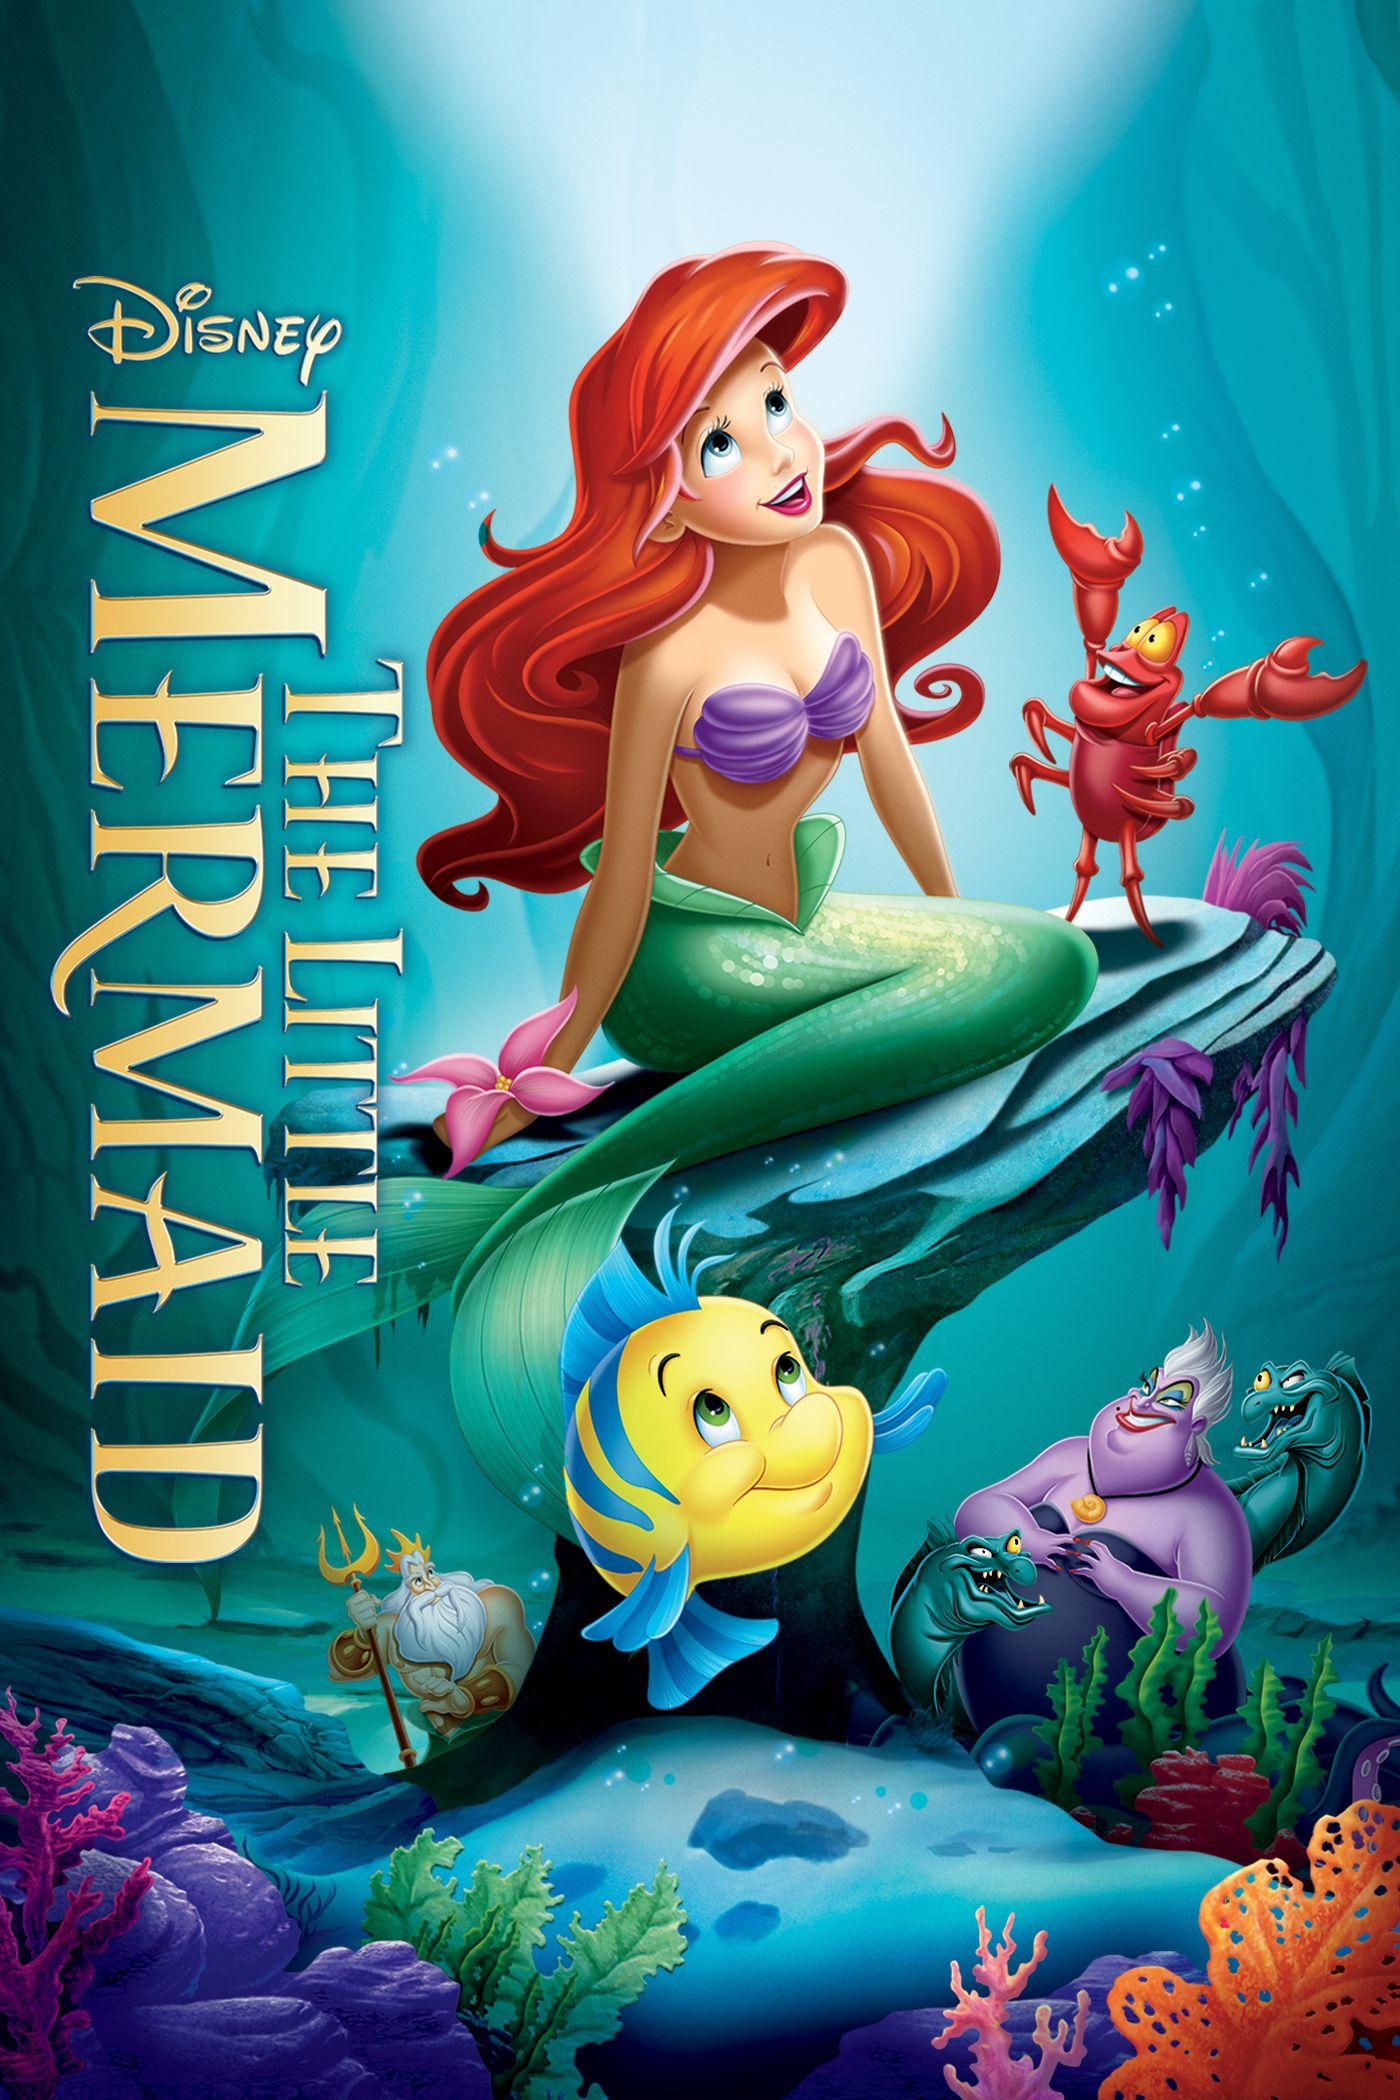 the little mermaid 1 full movie free